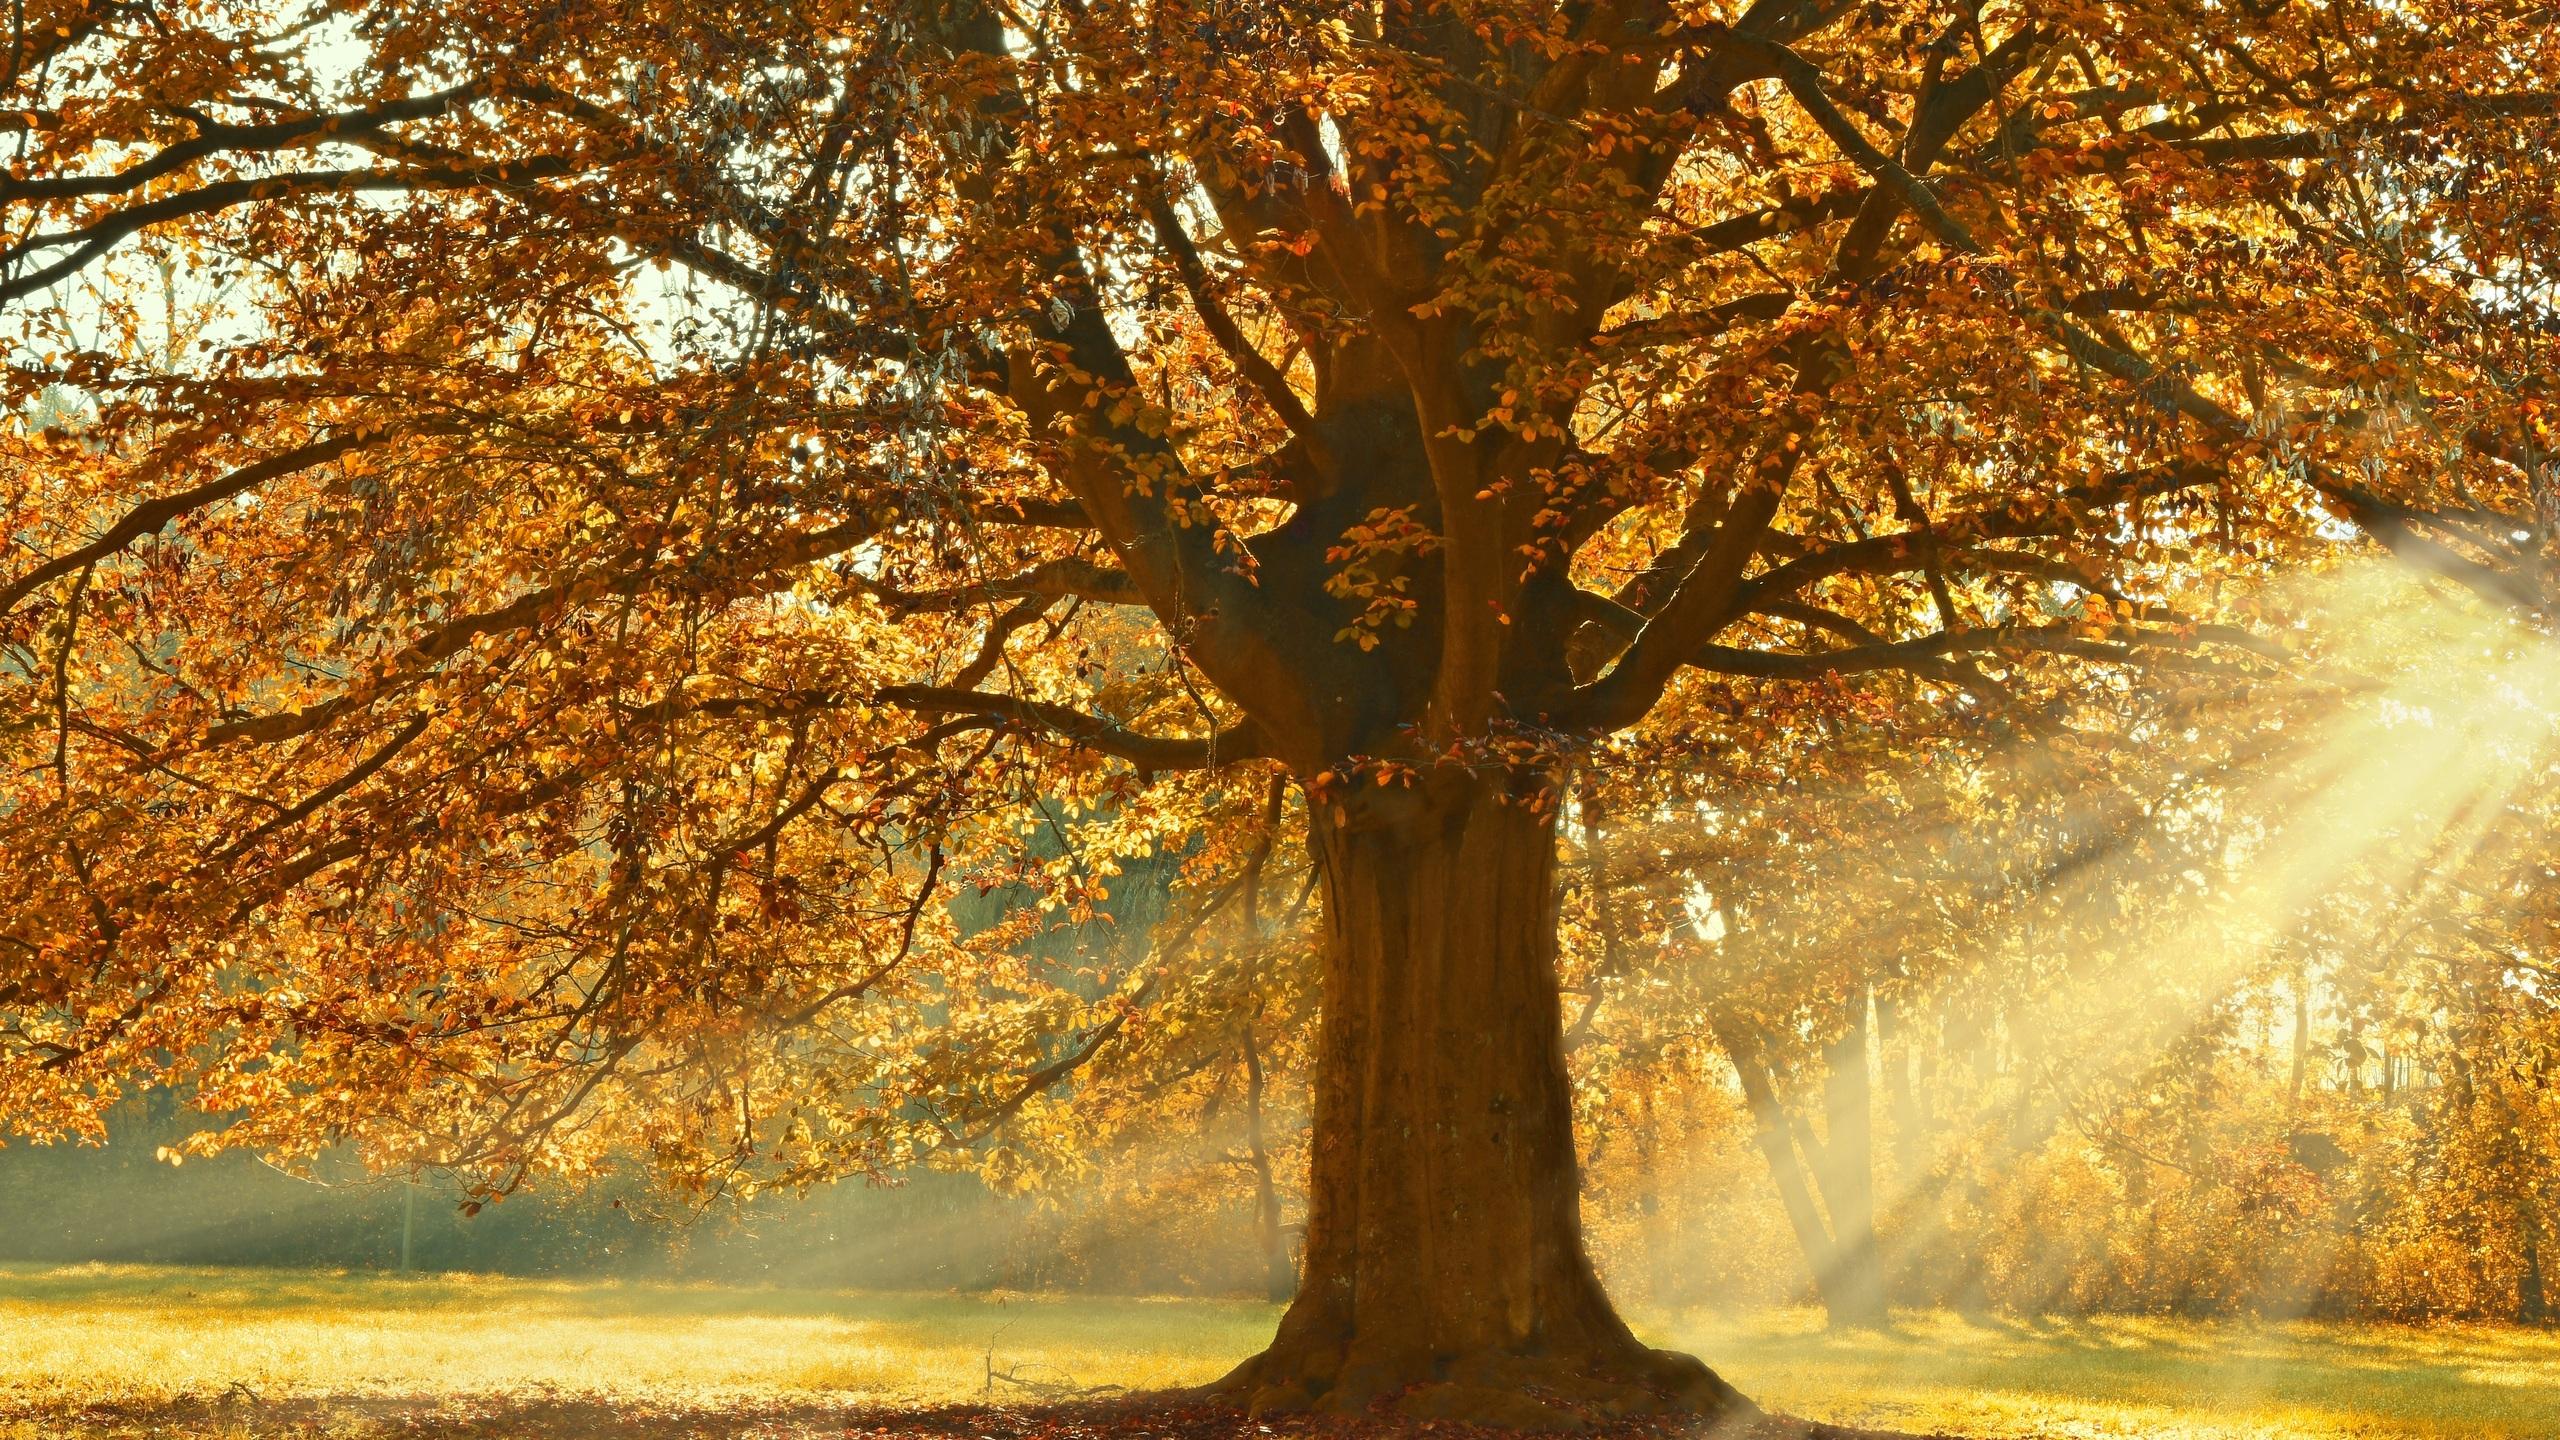 autumn-rays-of-light-trees-5k-fe.jpg